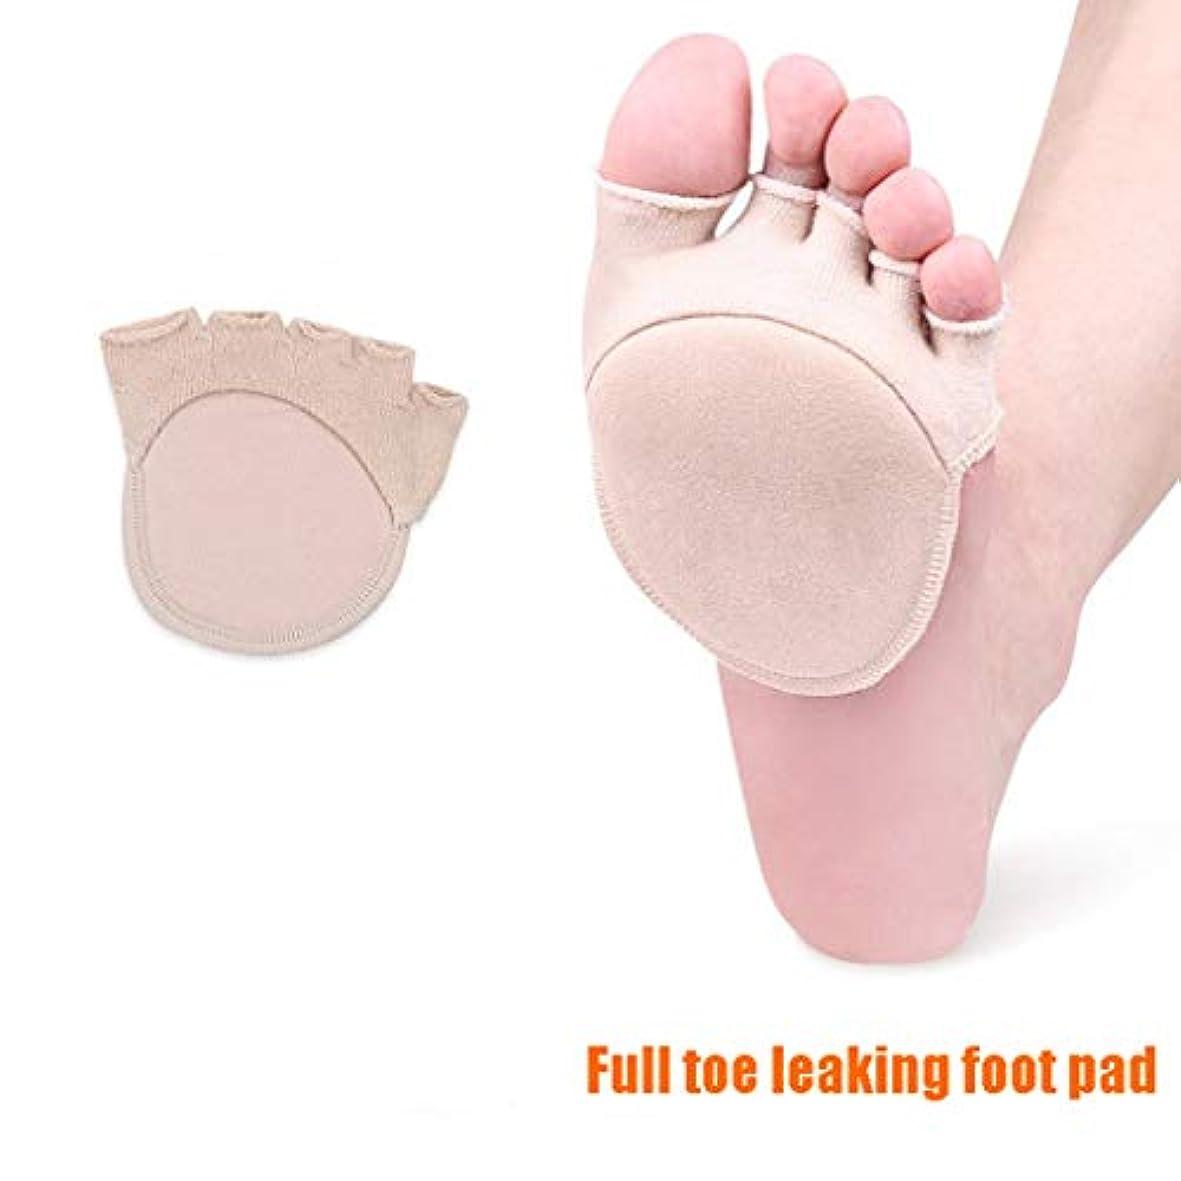 雪だるま友だち一緒足底筋膜炎の治療、5本のつま先のつま先のデザイン、中足の痛みに適した固定スリップ、足の痛みの底,Flesh,Onesize